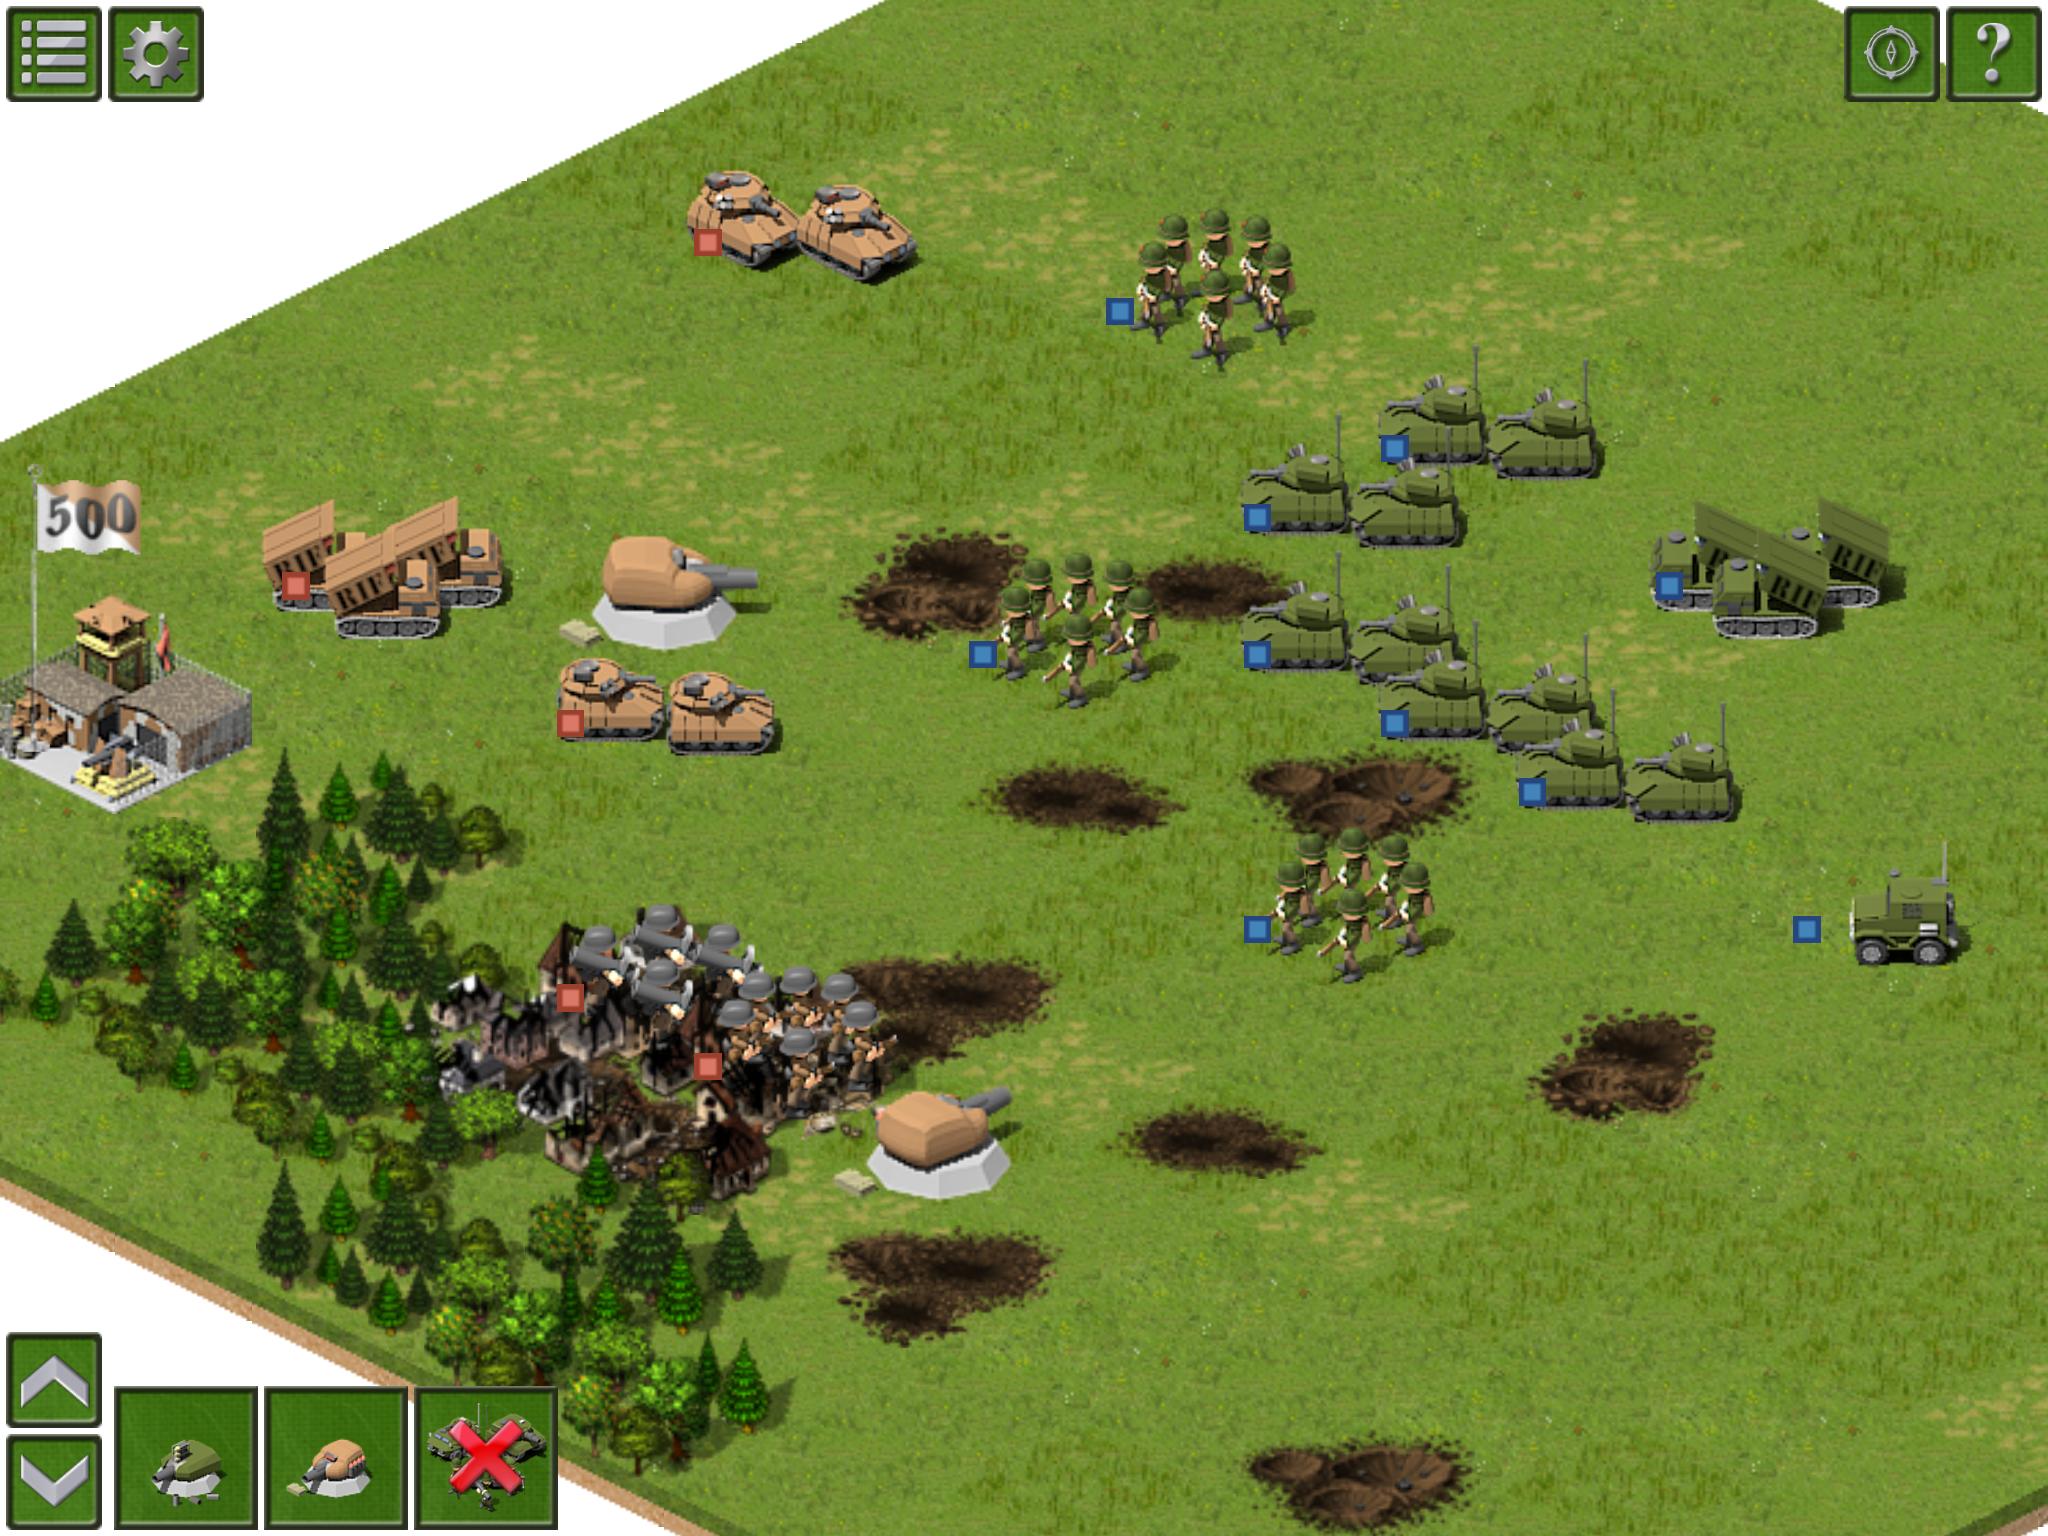 mapmaker scenario